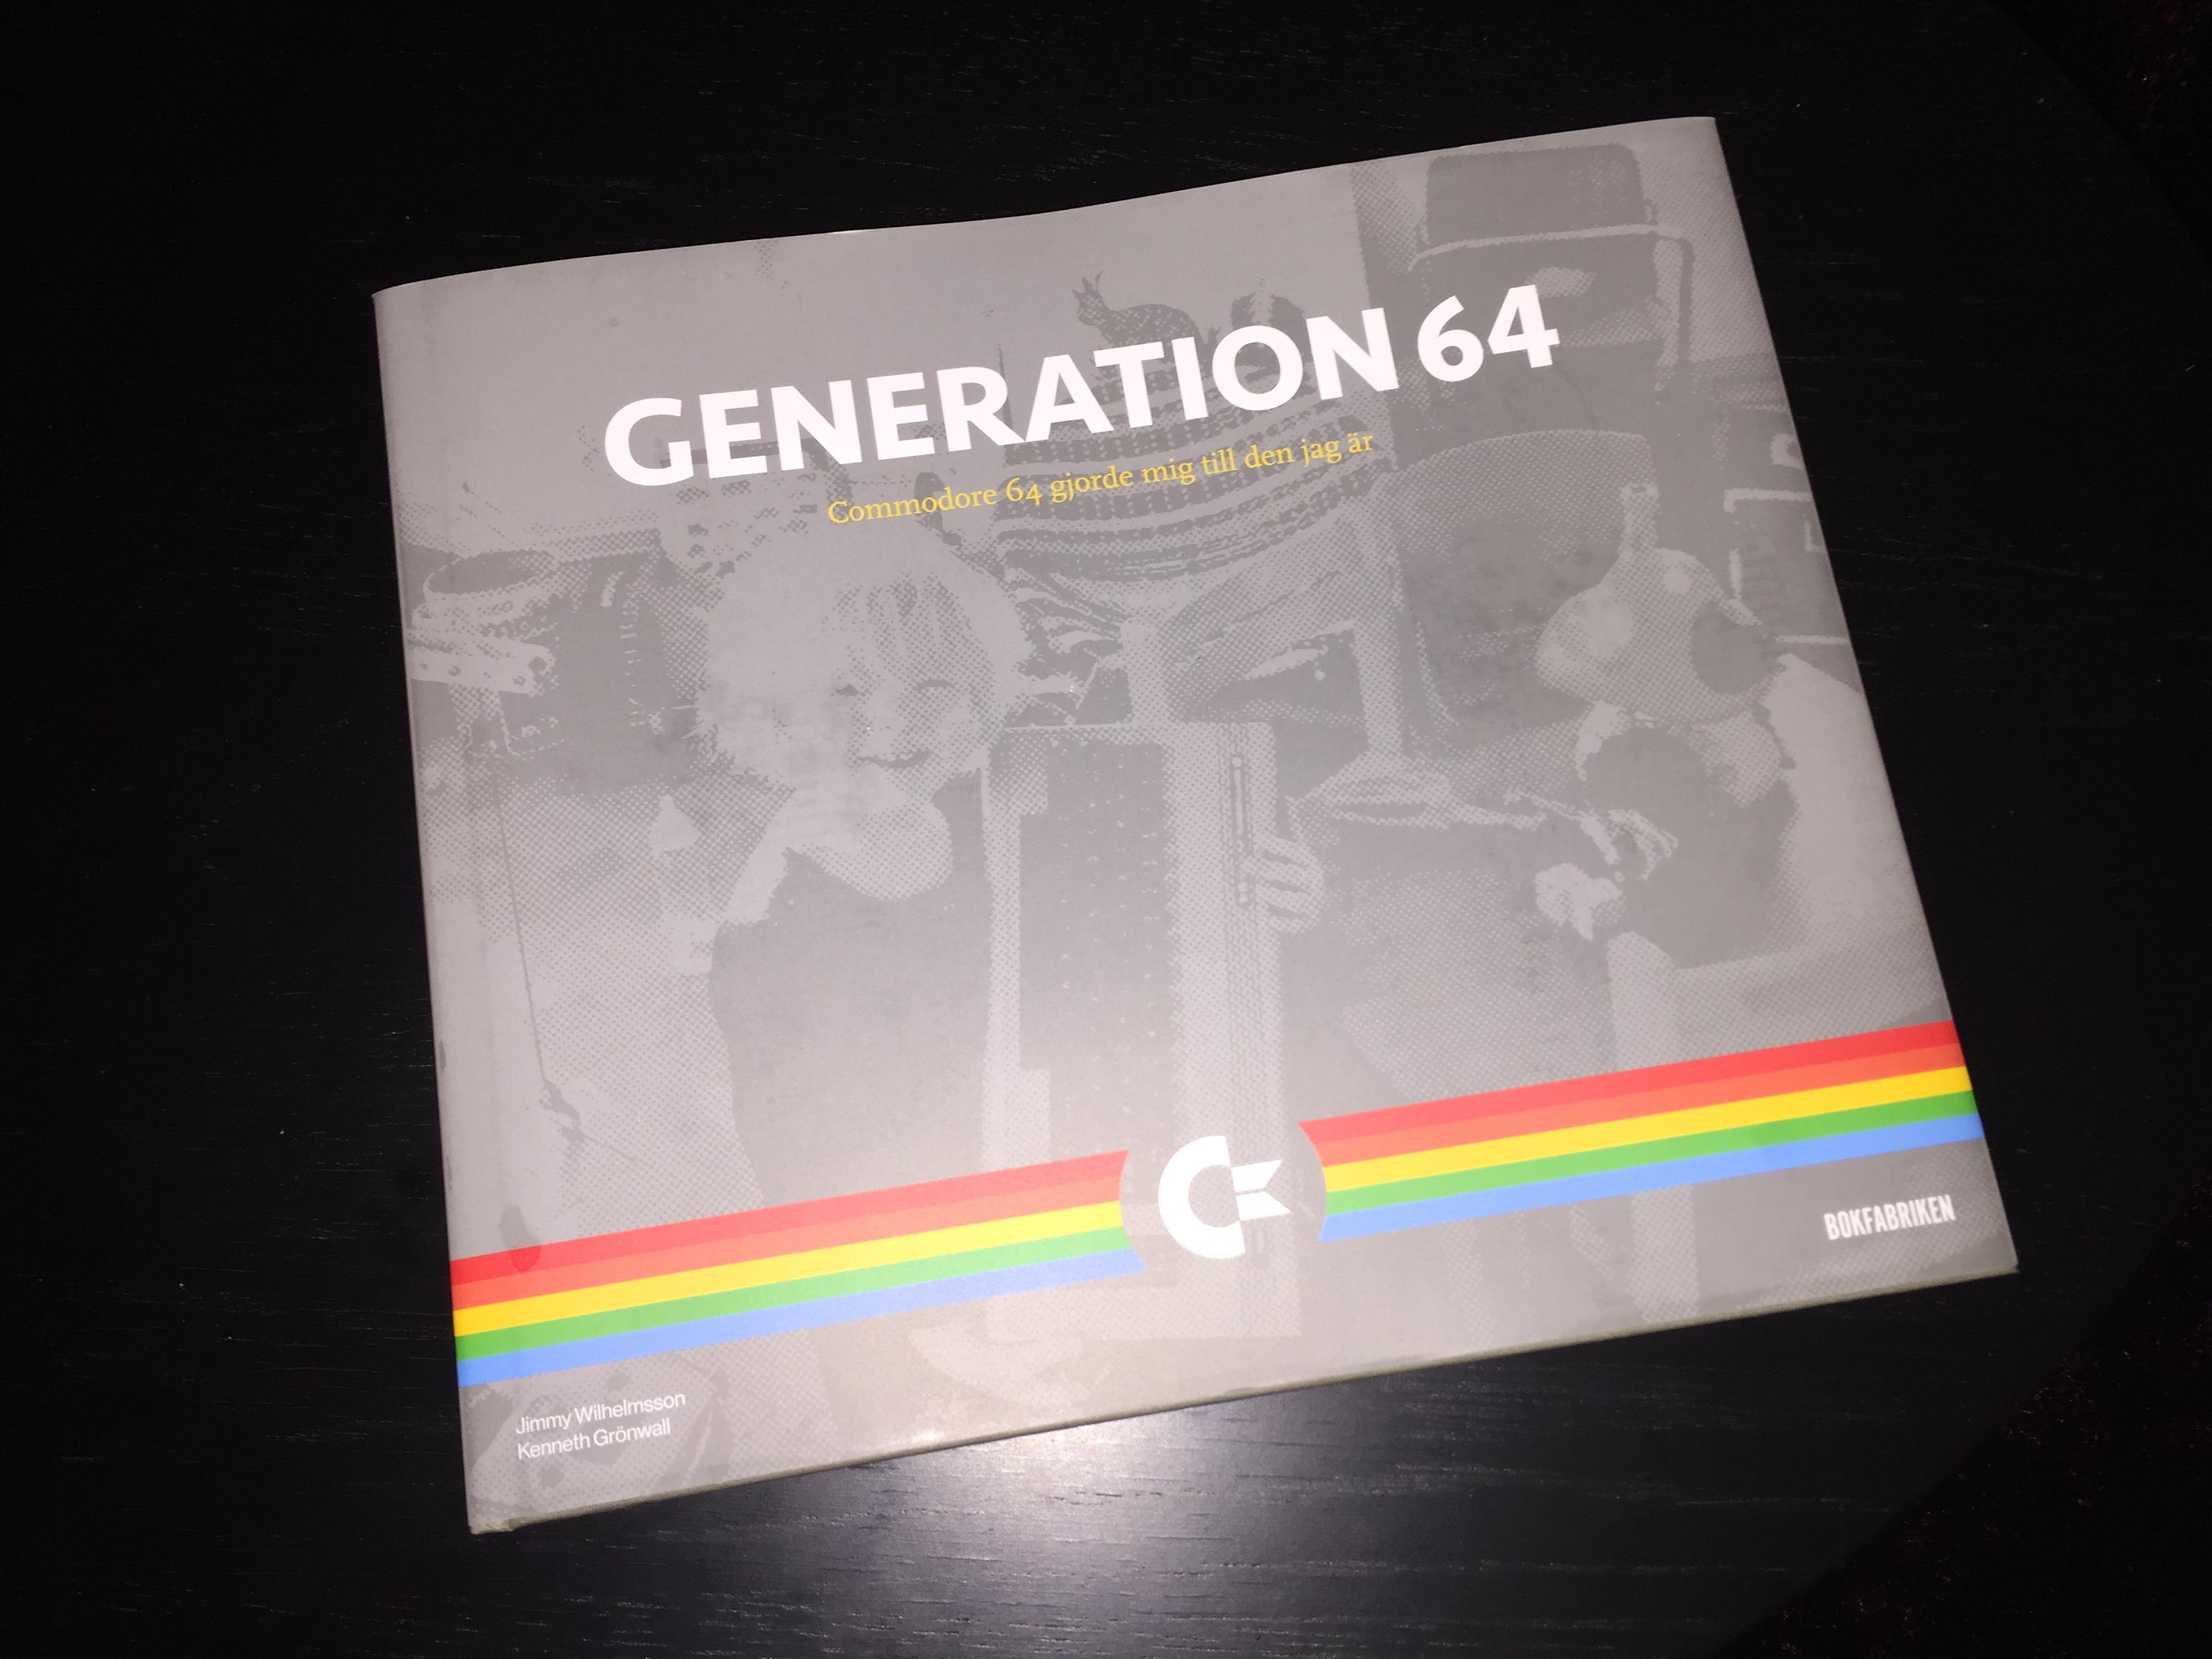 Generation 64 - Commodore 64 gjorde mig till den jag är.